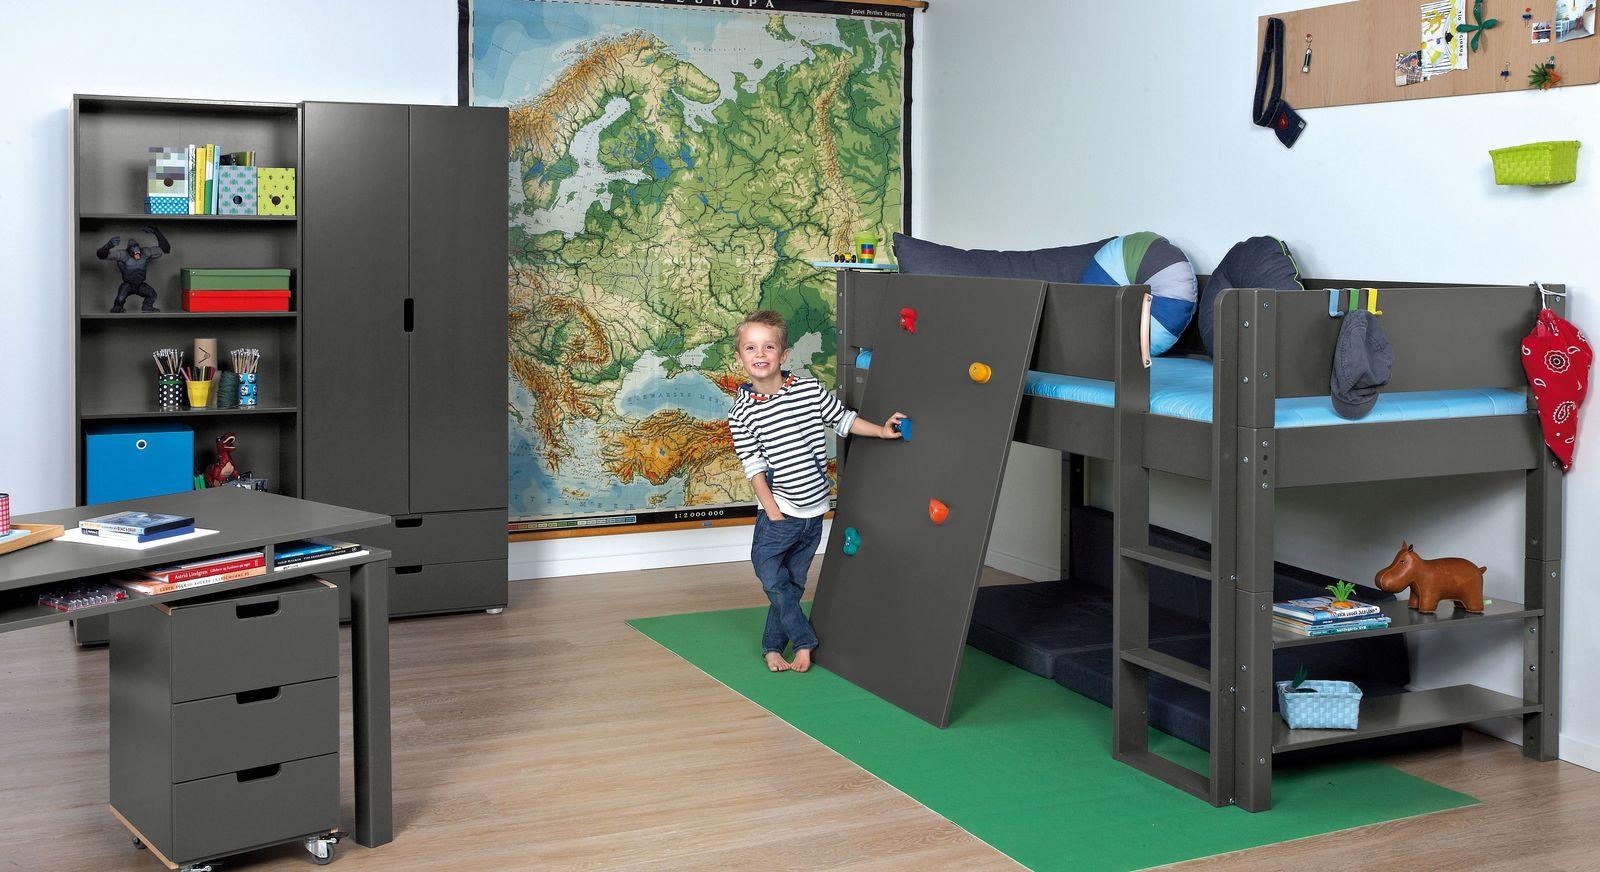 Passende Produkte zum Mini-Hochbett Kids Town Color mit Kletterwand